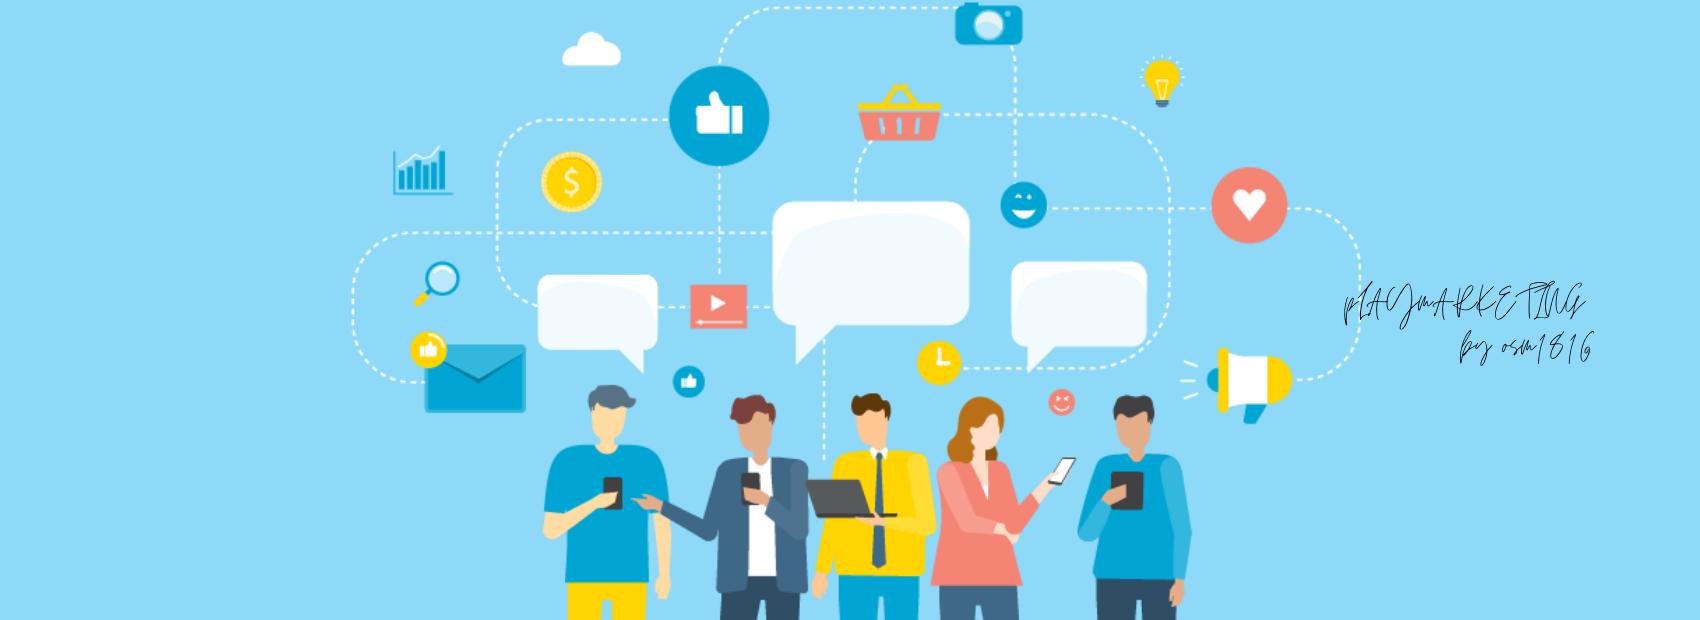 Video marketing: come creare una strategia social